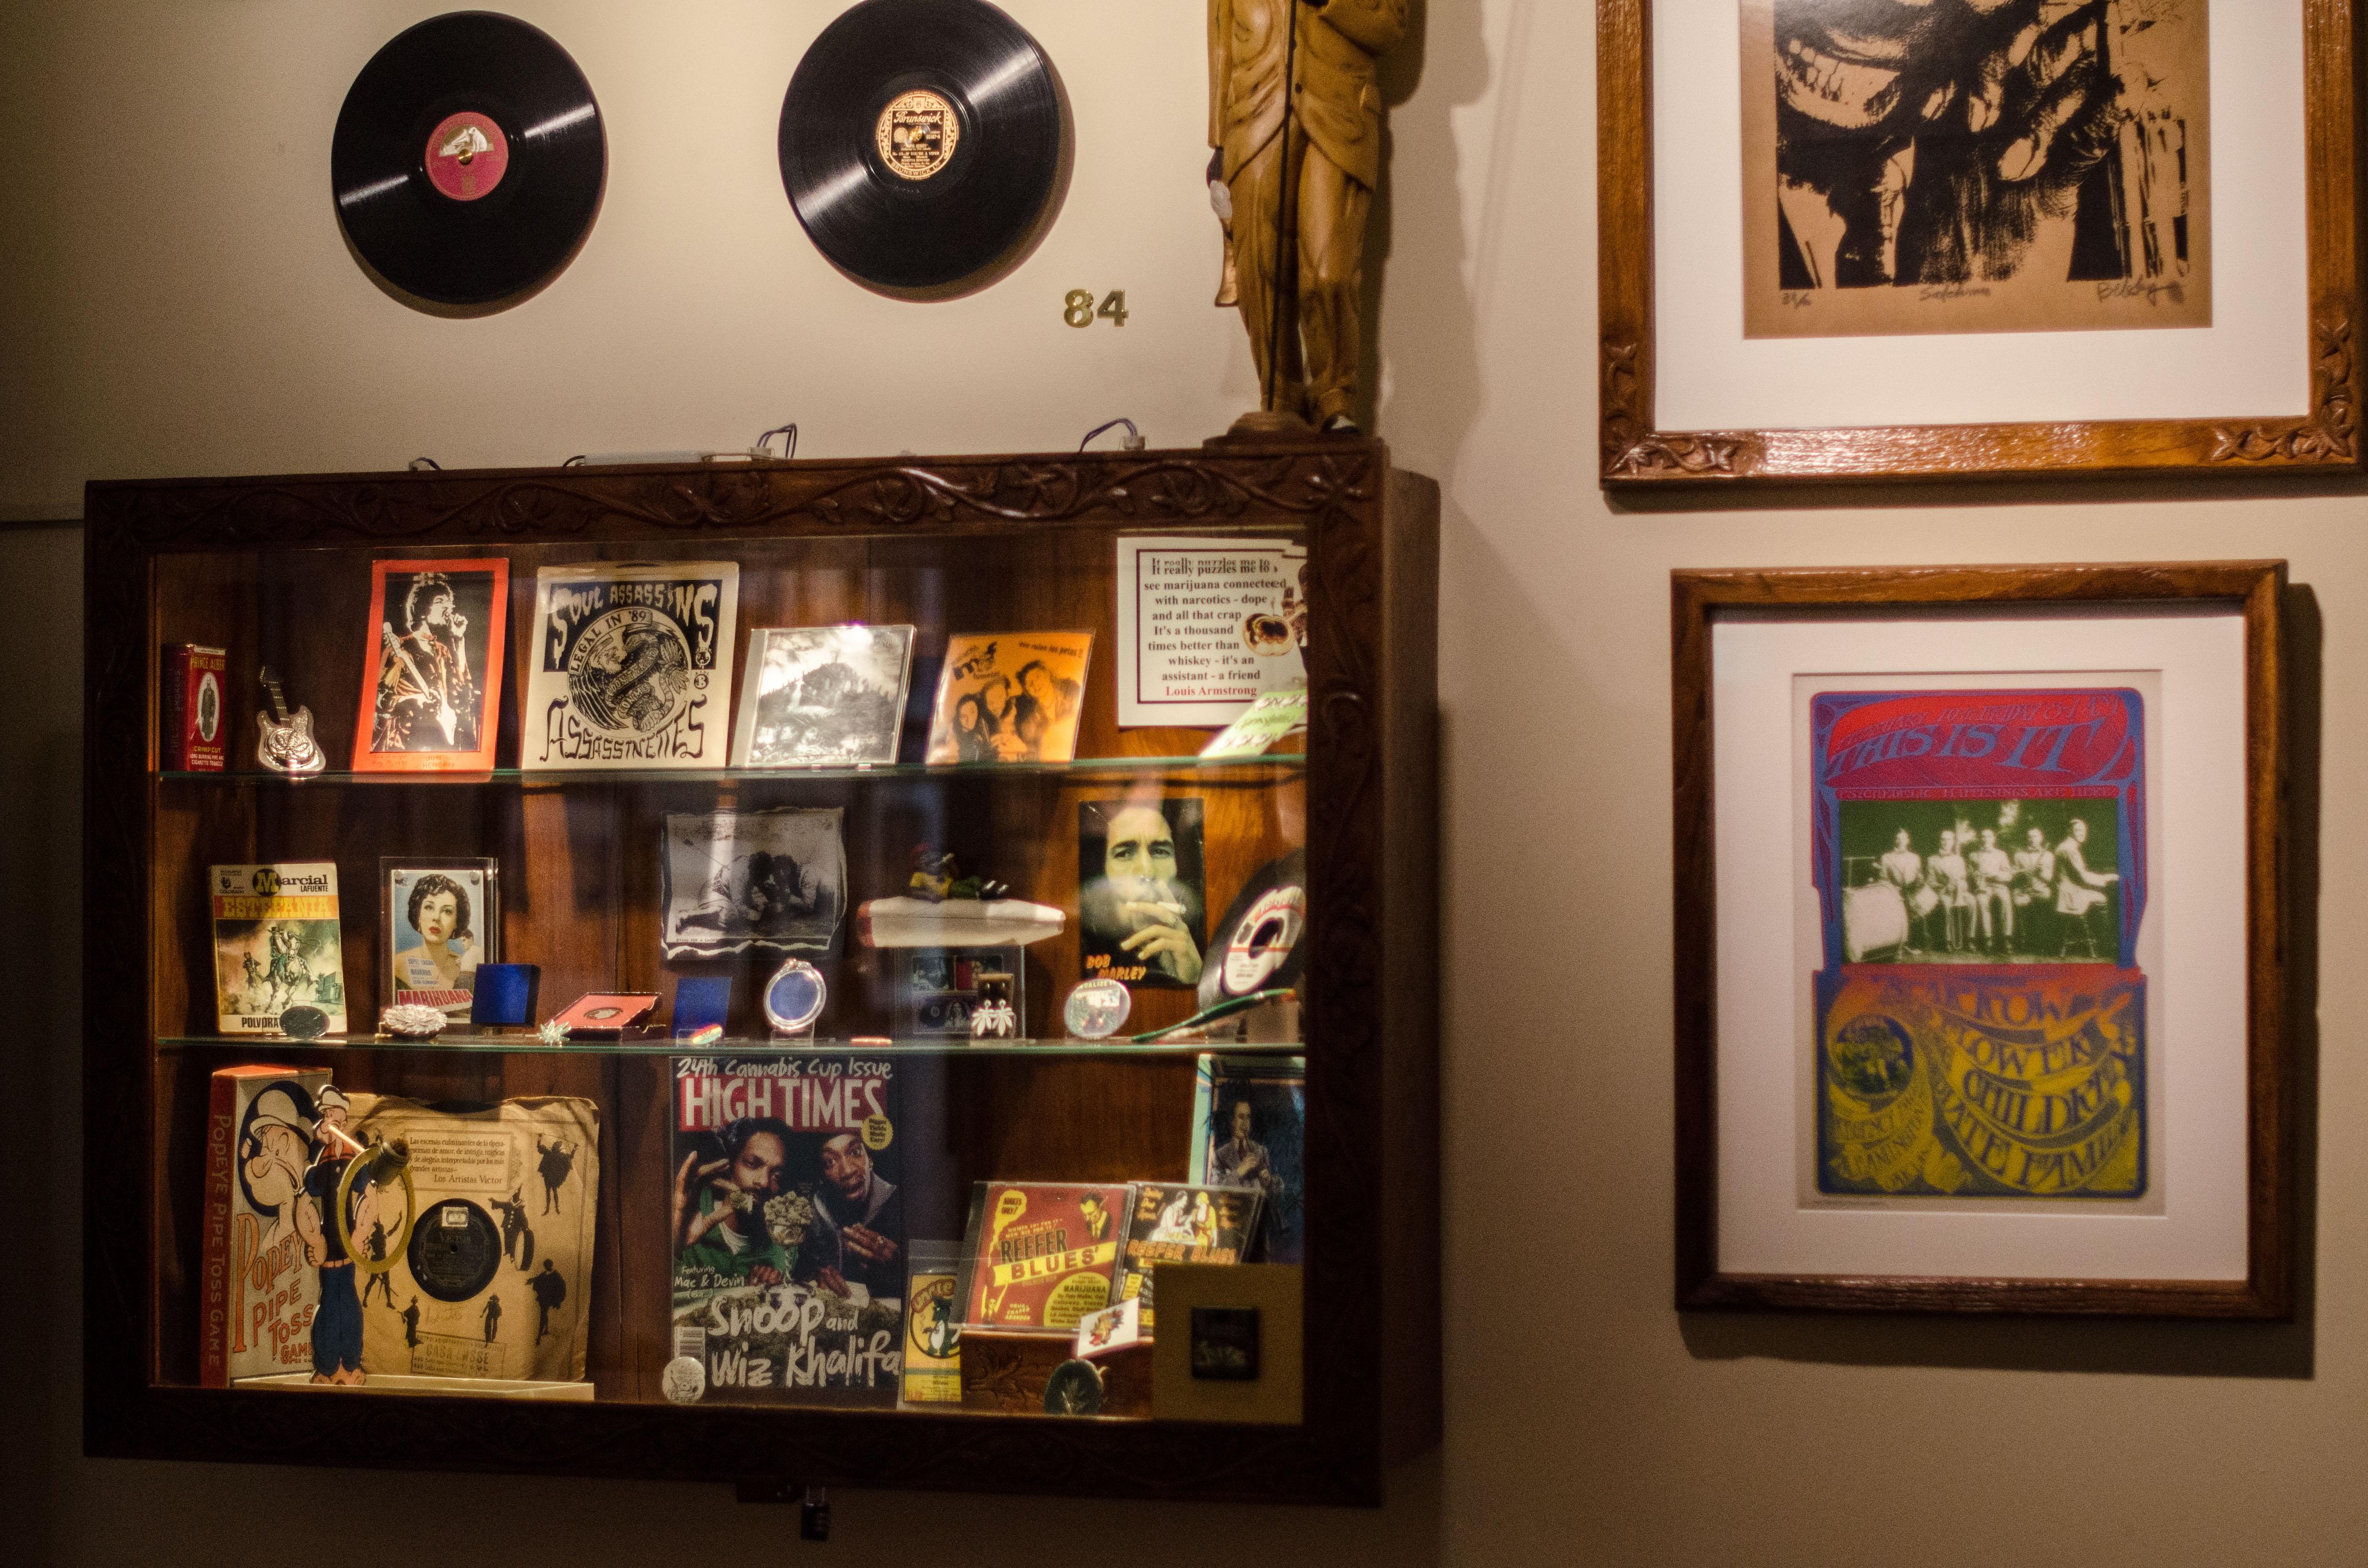 Une salle du musée est dédiée à la musique : des chansons de 2Pac et de Bob Marley y sont jouées en boucle.